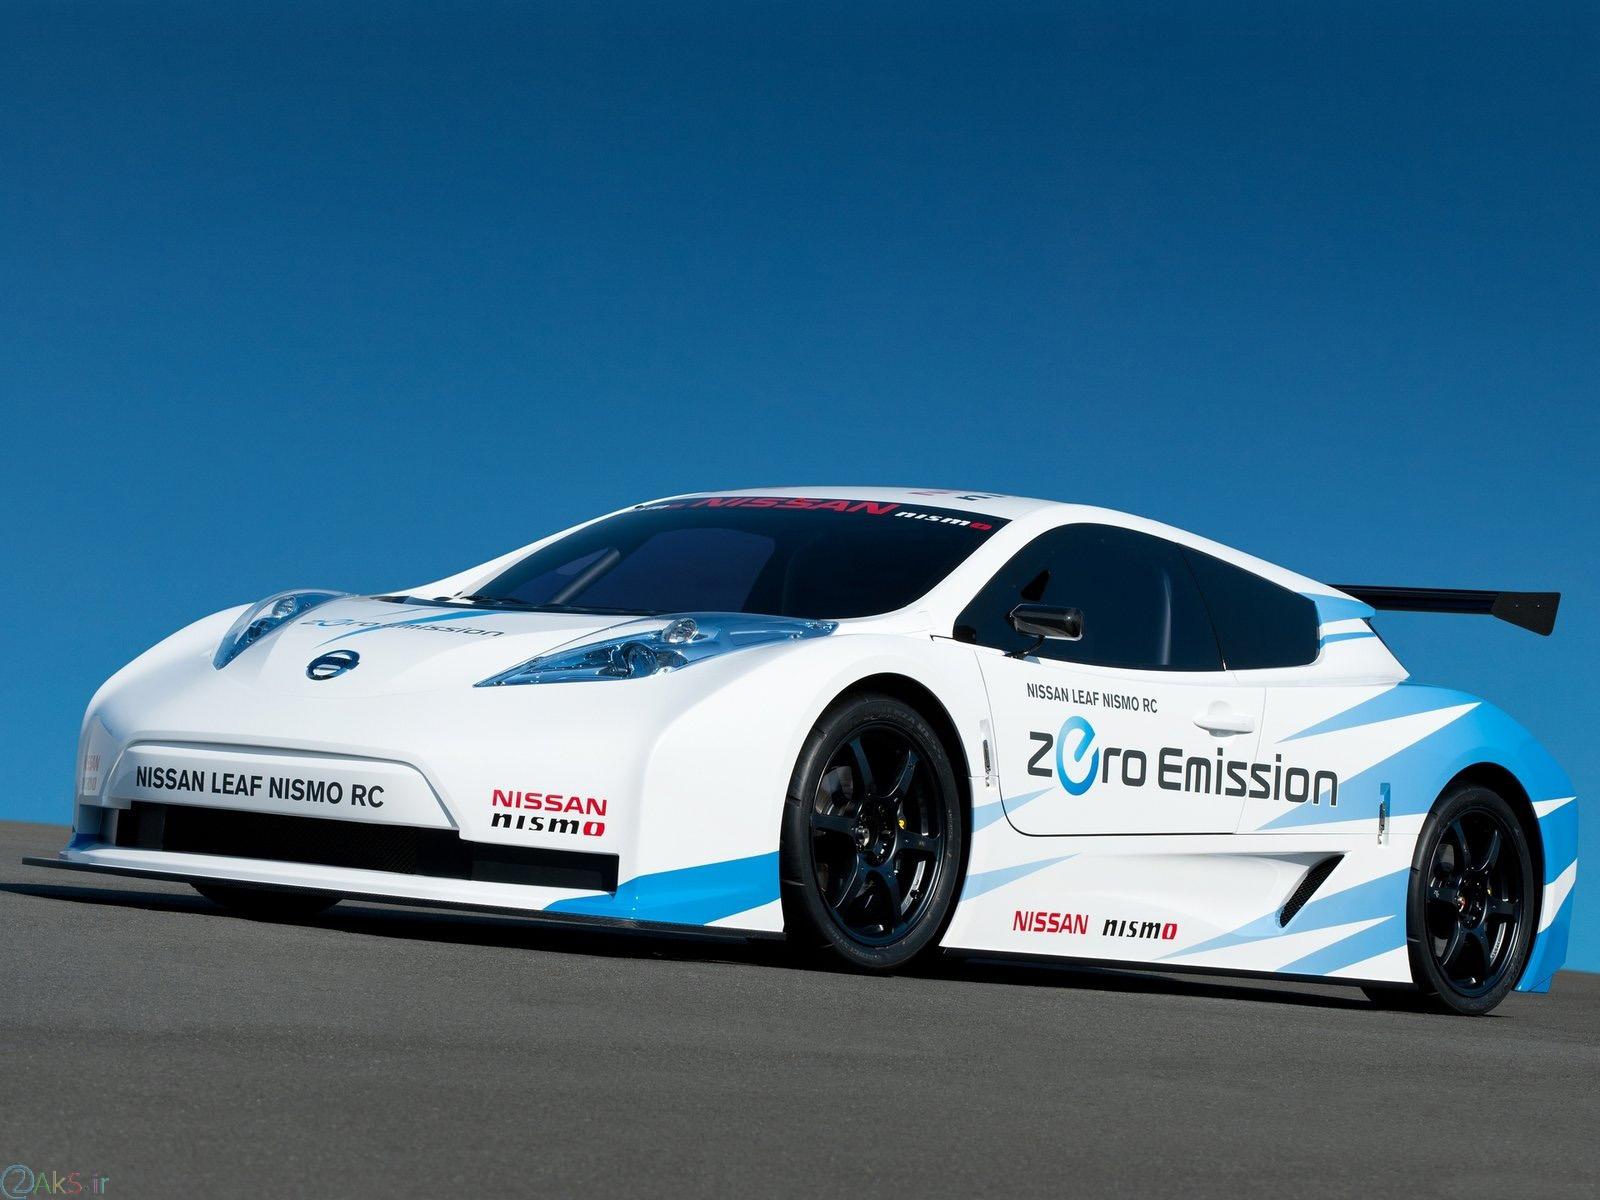 تصاویر Nissan Leaf Nismo RC Concept